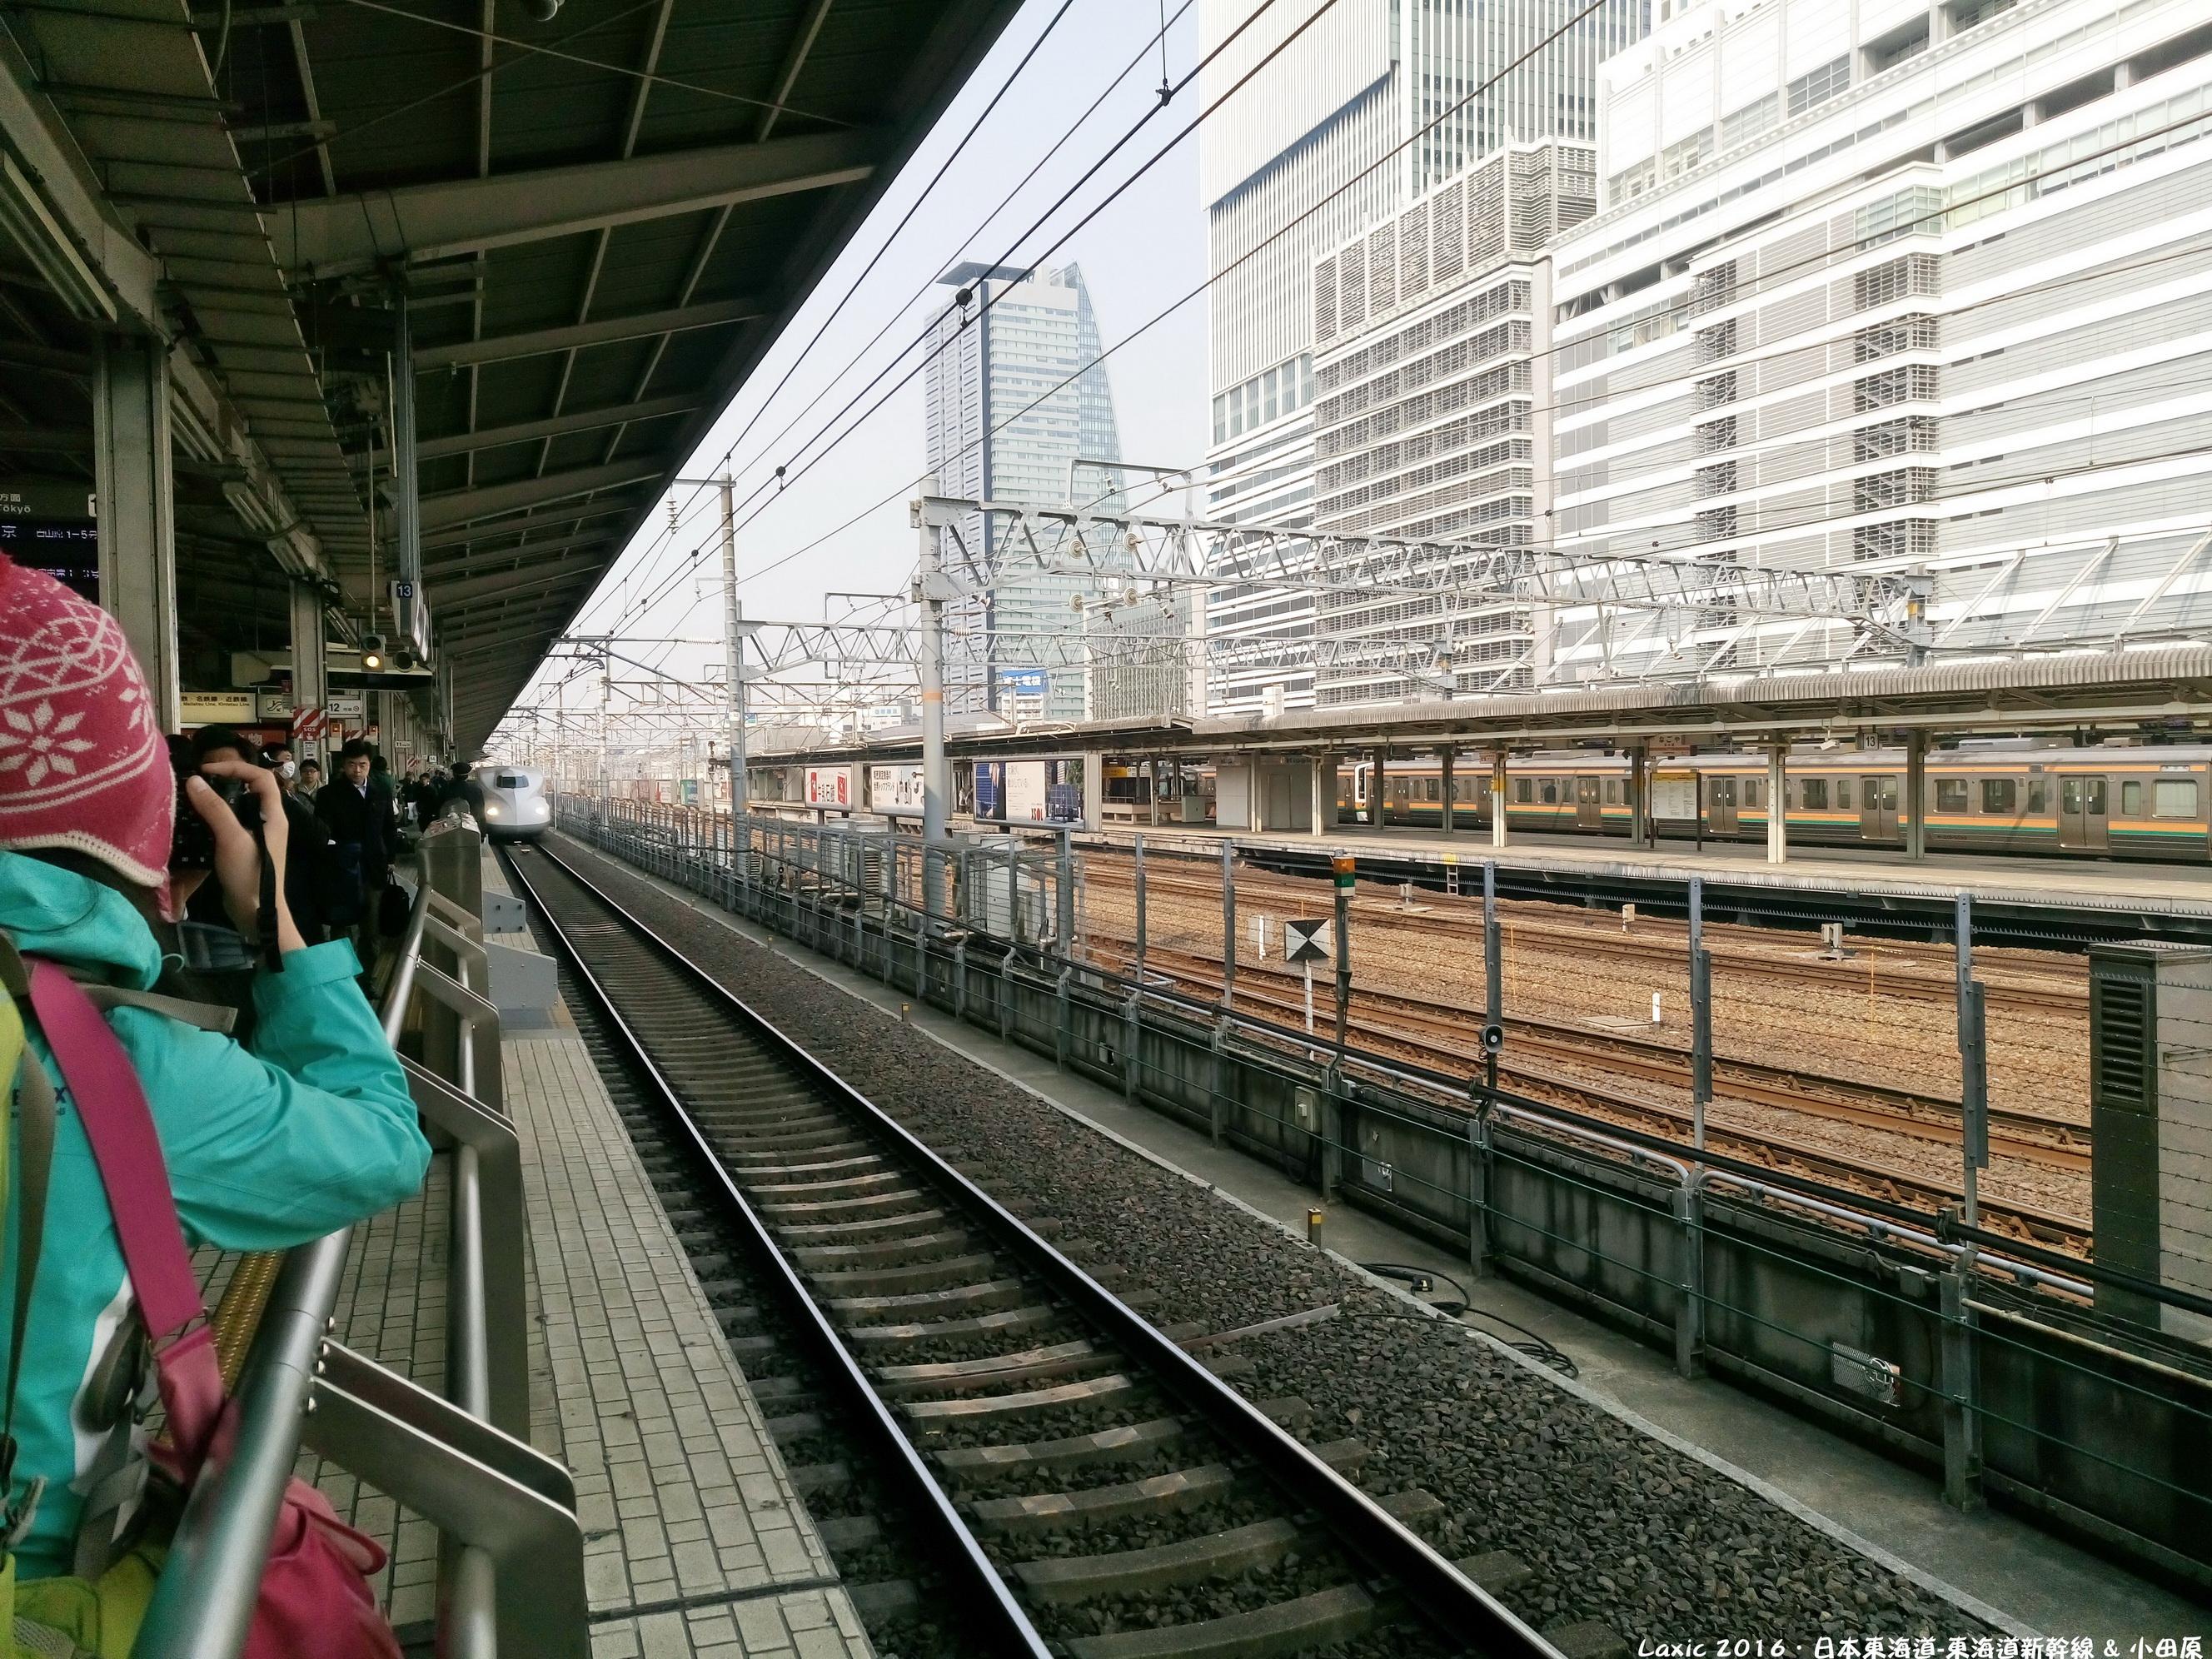 日本東海道-東海道新幹線 & 小田原